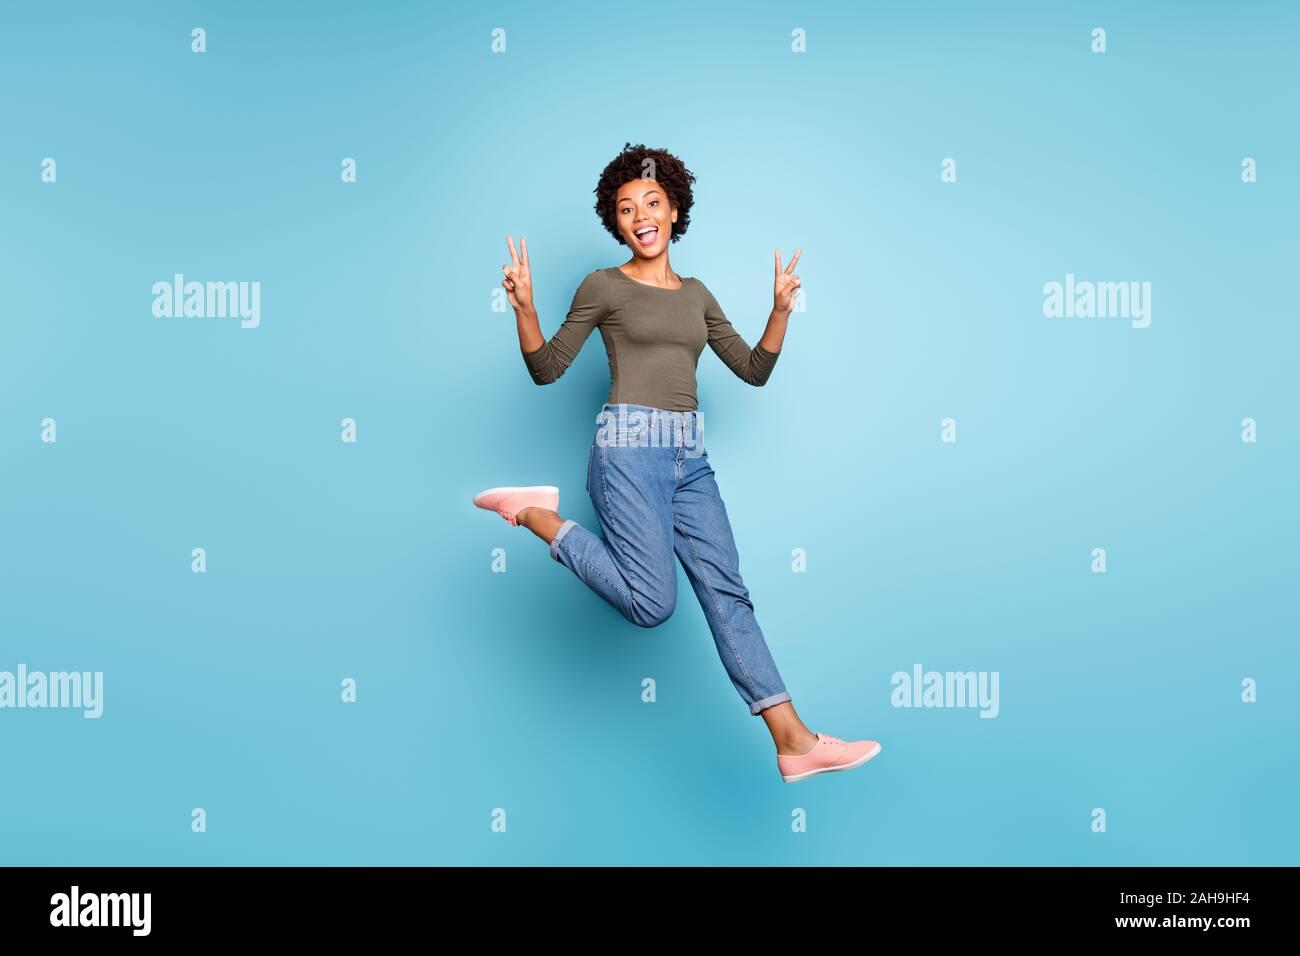 Toute la longueur de la taille du corps photo de joyeux cris drôles friendly nice woman jumping teint foncé denim jeans pull vert montrant vous v-sign isolated Banque D'Images